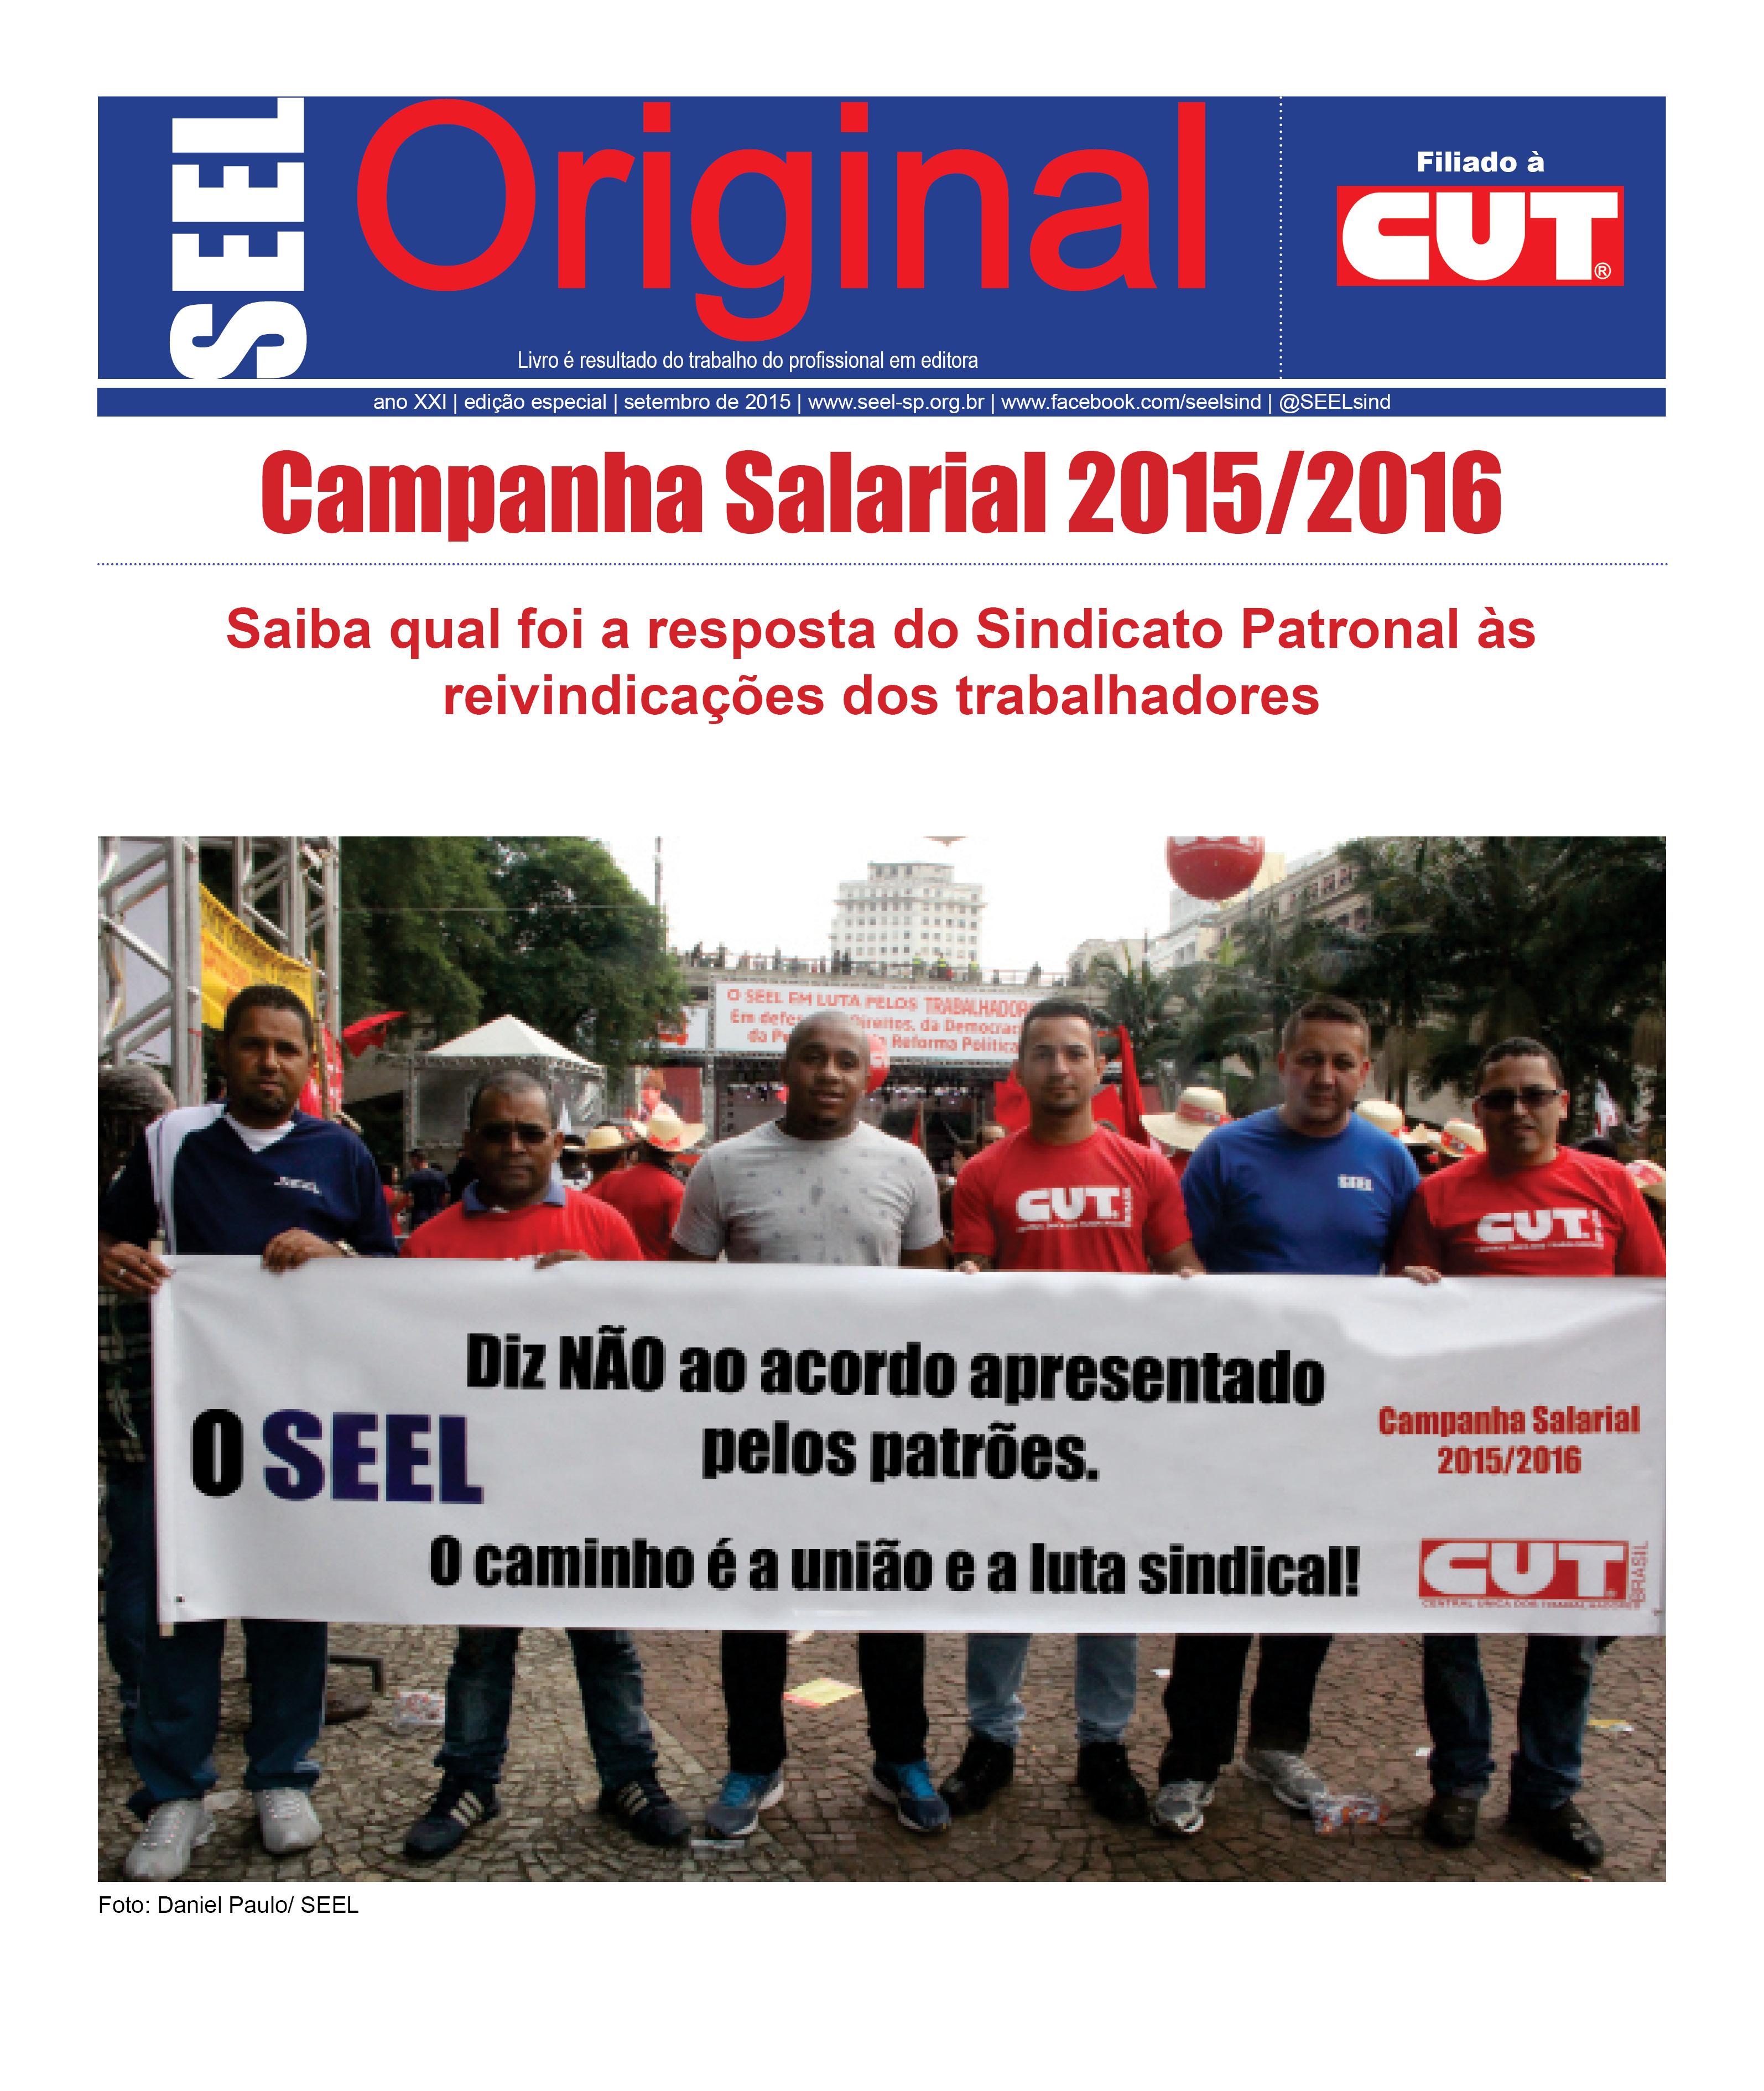 Capa Jornal Original Especial Negociacao Web